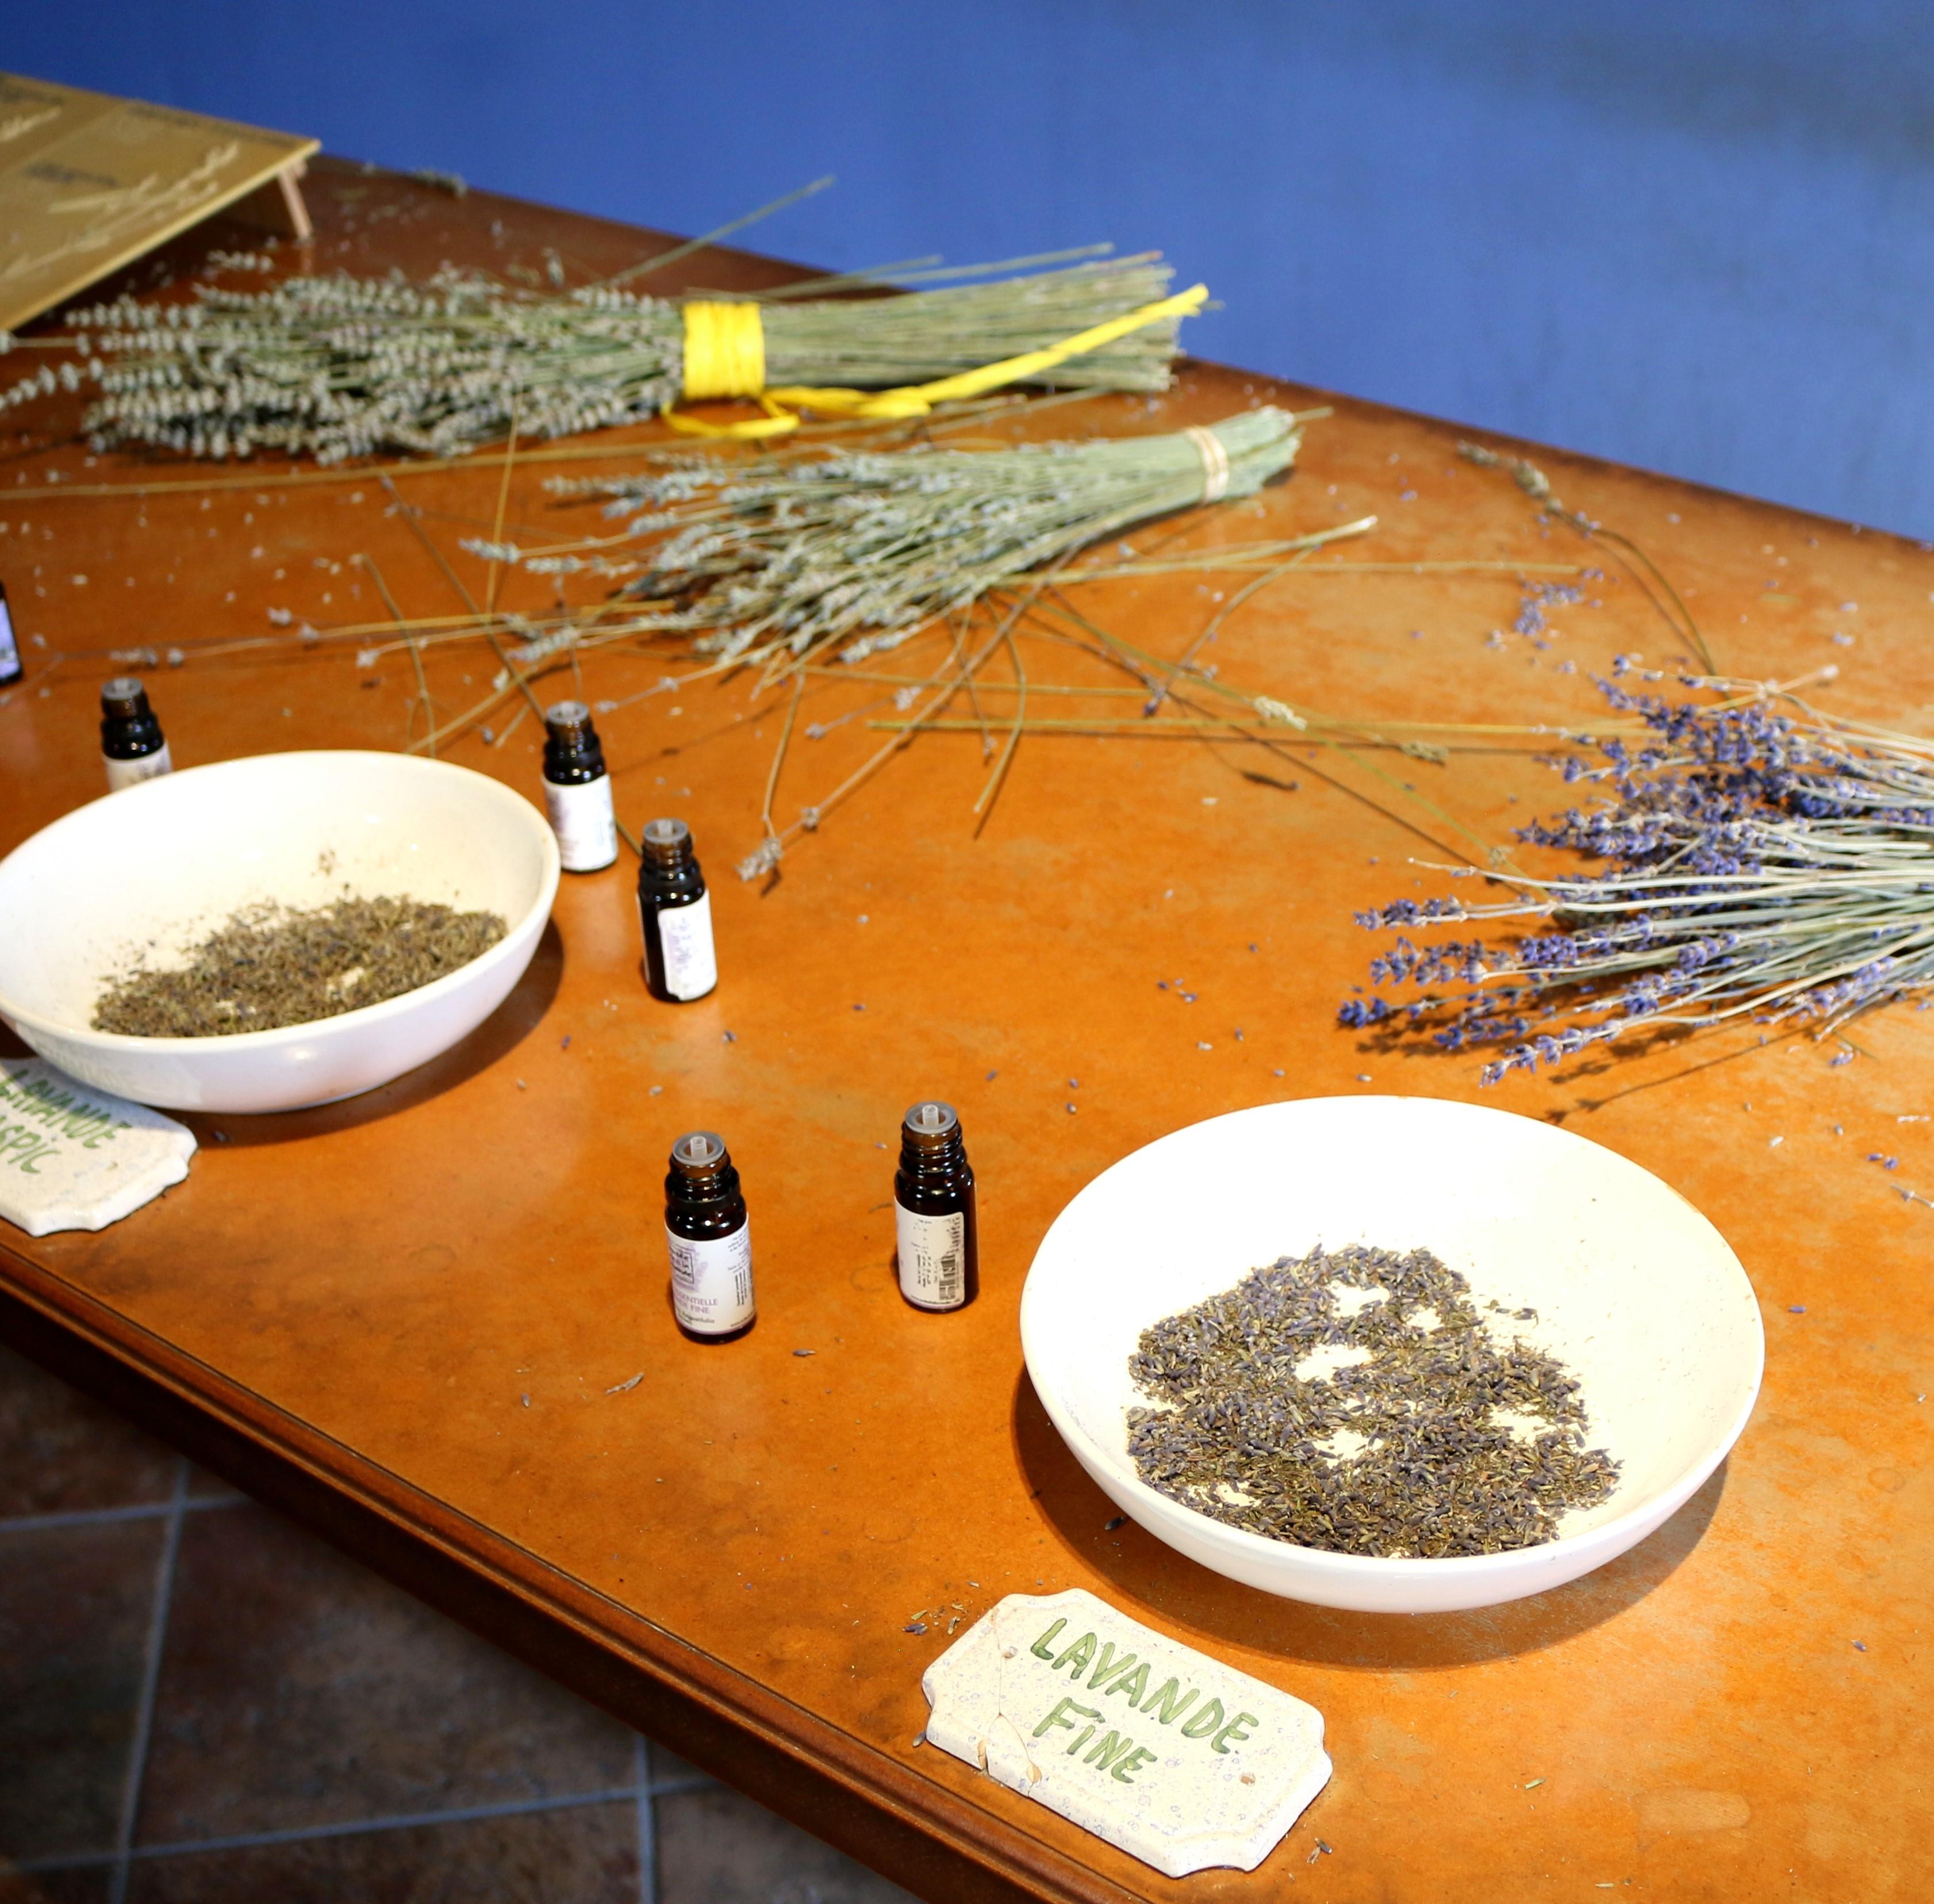 Herstellung von Lavendeldüften im Lavendelmuseum